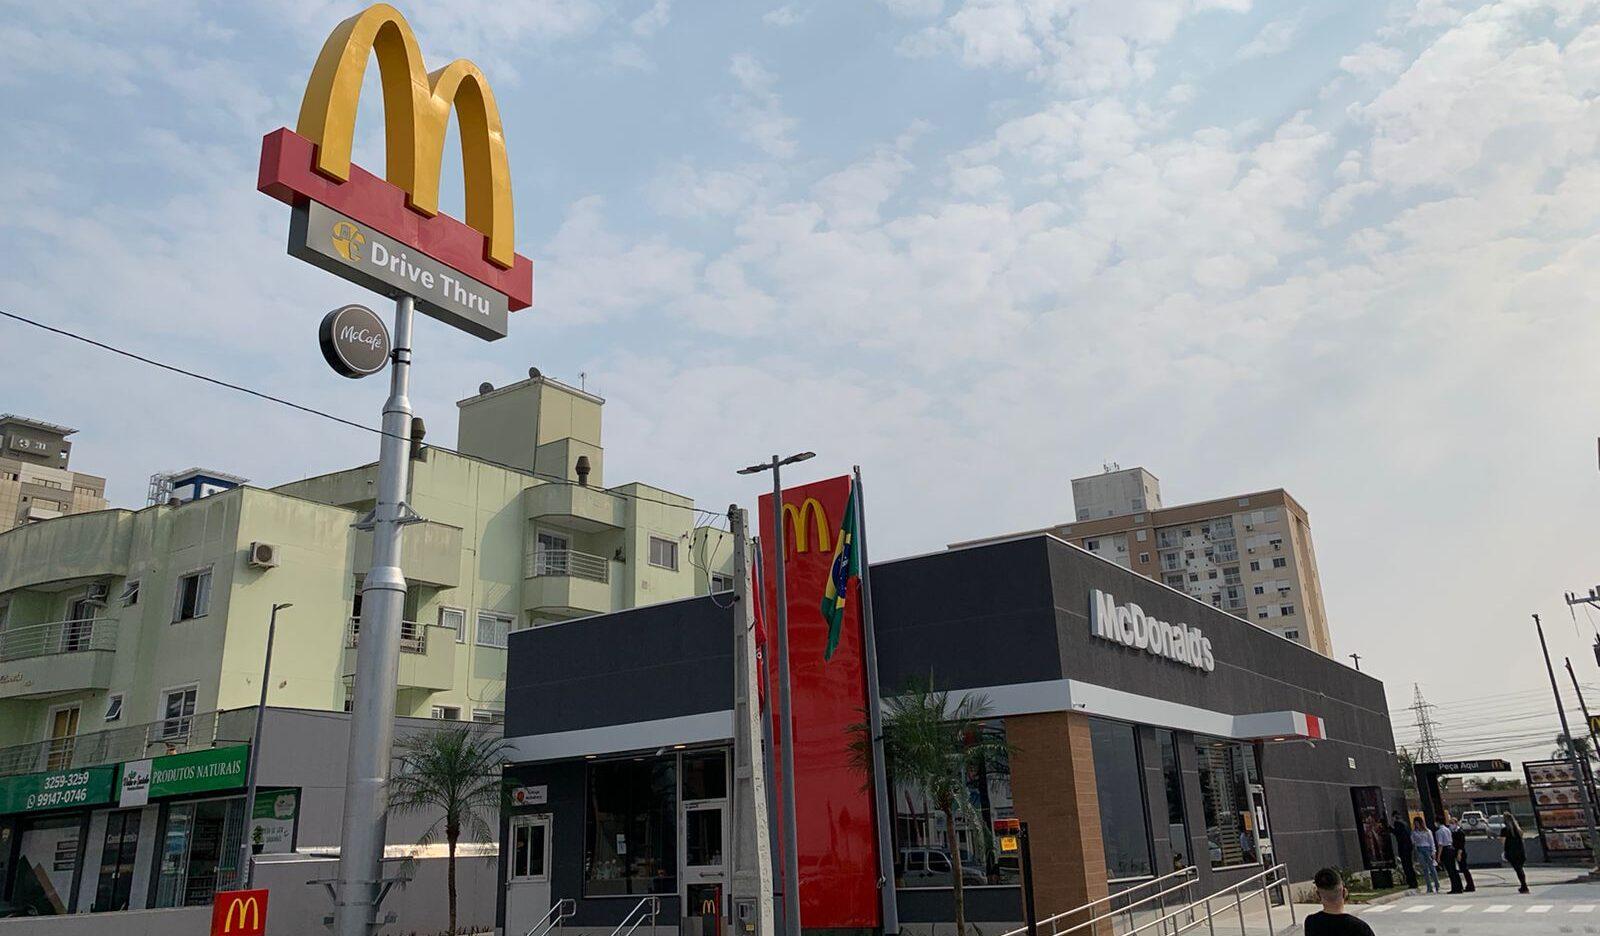 [Brasil] McDonald's inaugura primeiro restaurante em Palhoça